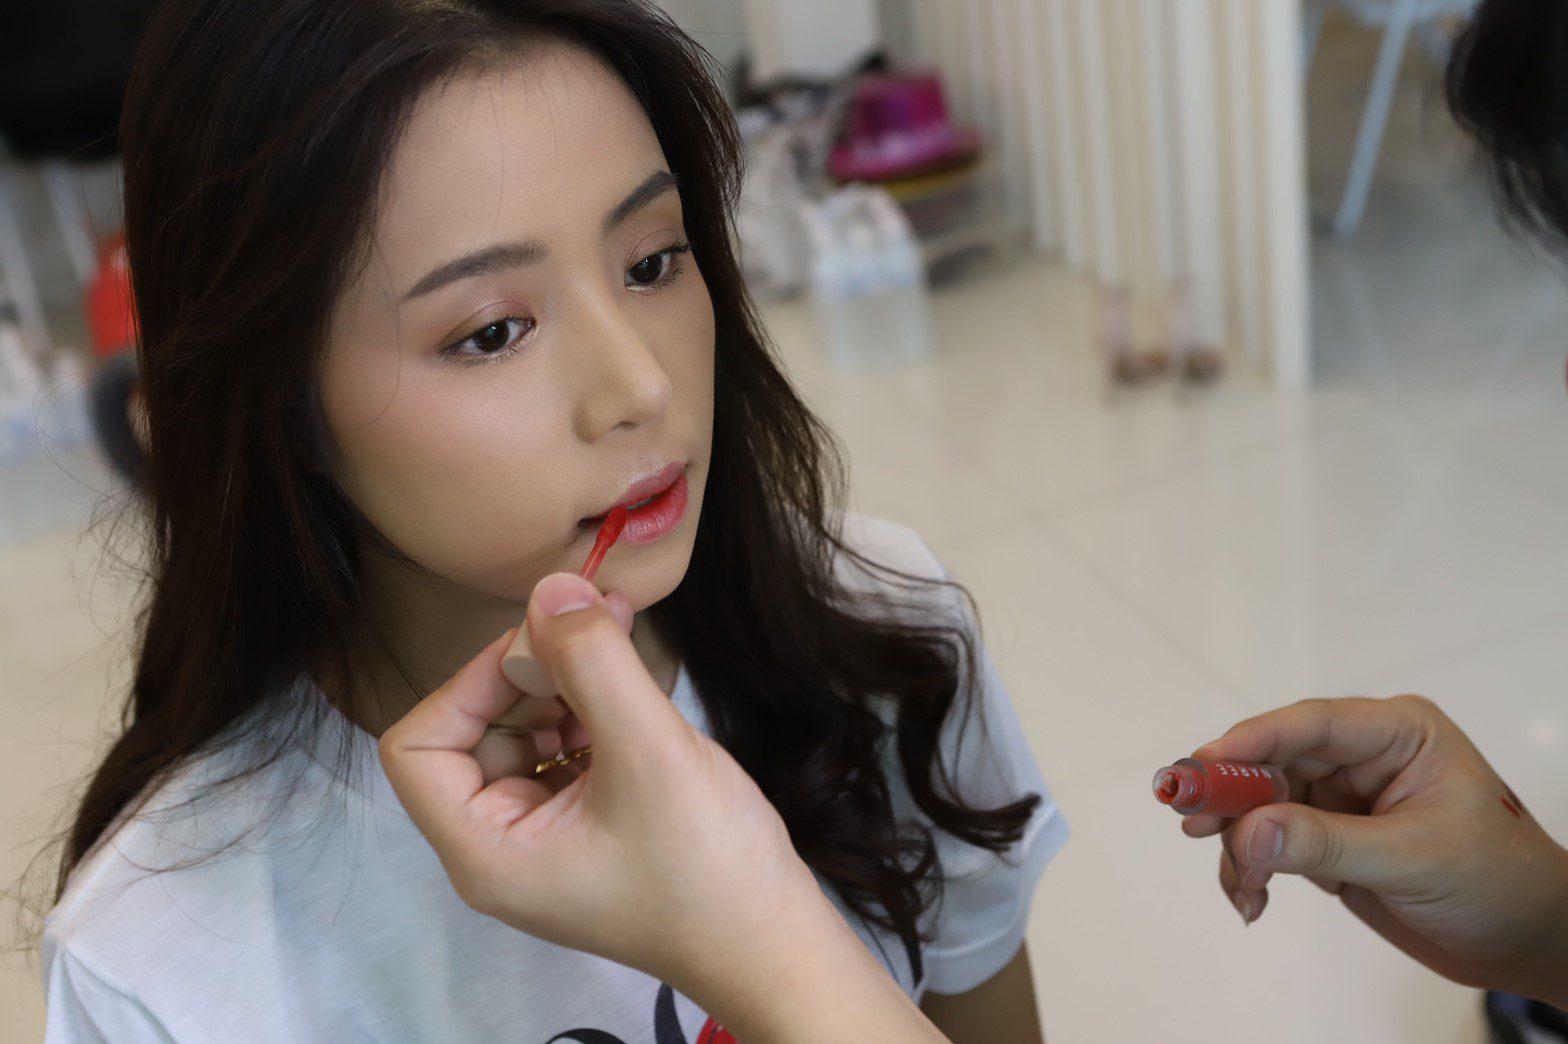 วงพริกไทย ร่วมกับ Naree Lip ออก MV หนังสั้นเพลง อย่าให้รัก